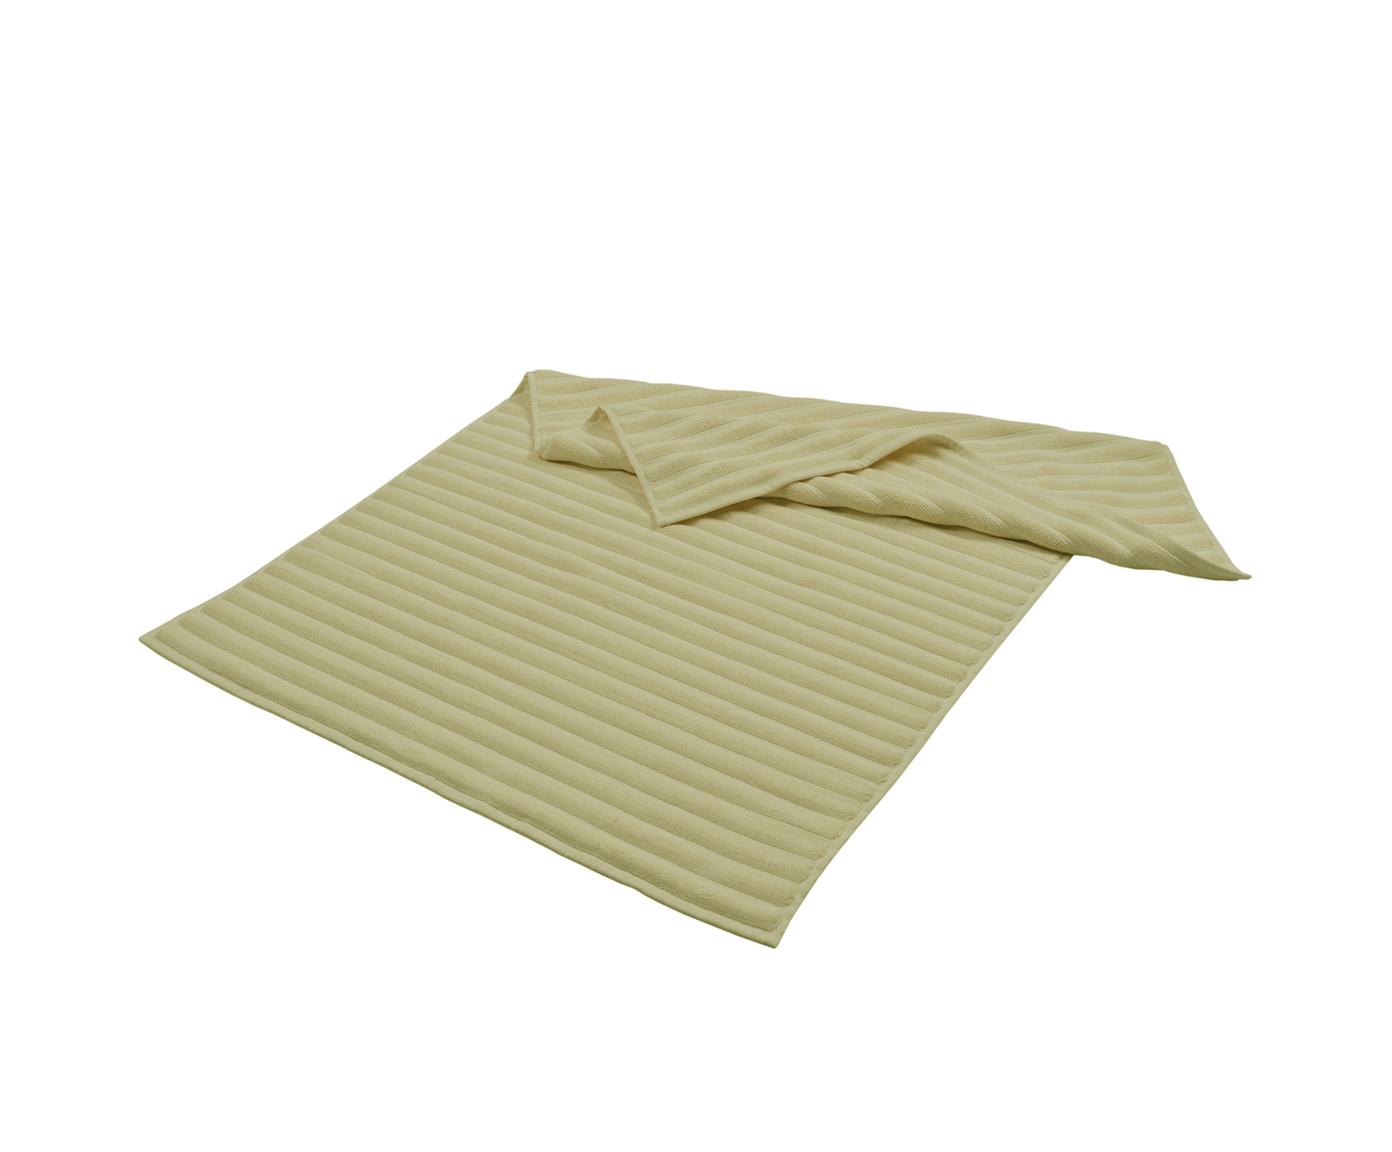 Элитный коврик для ванной Sultan слоновой кости от Hamam